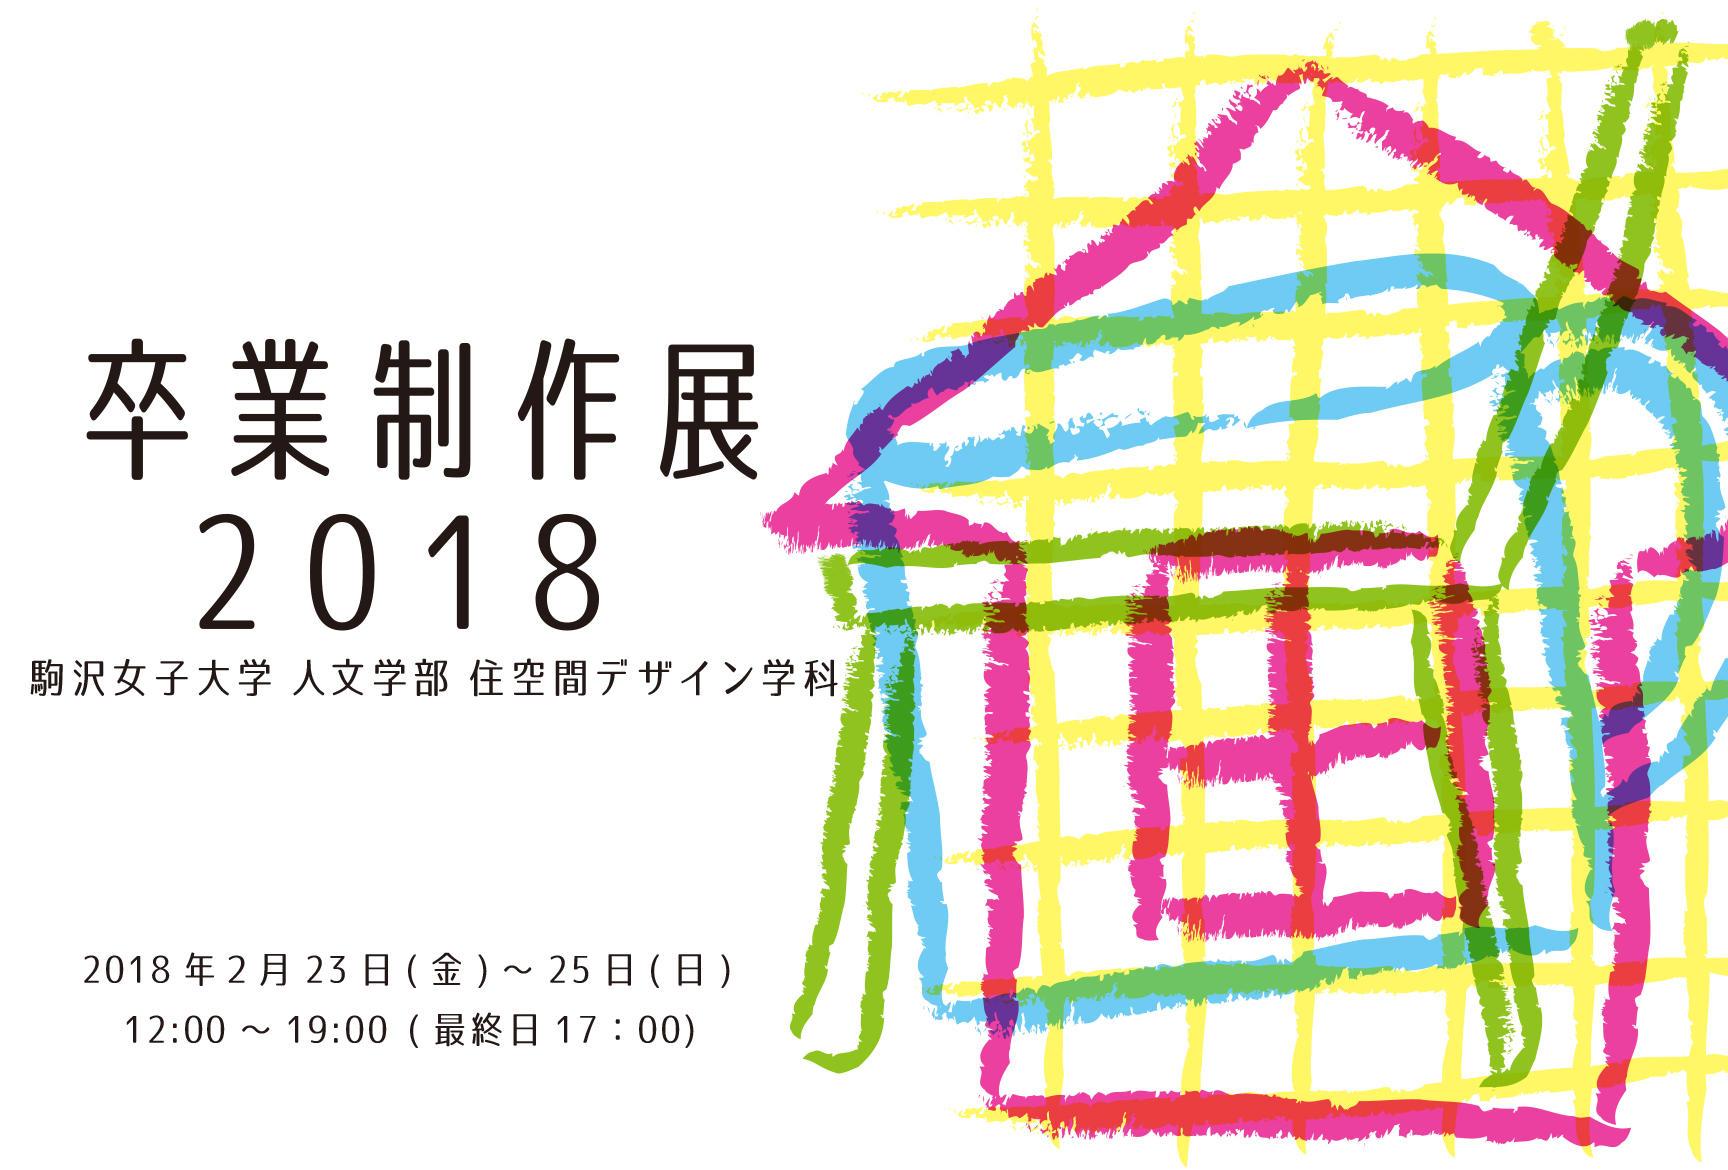 駒沢女子大学住空間デザイン学科が2月23~25日に「卒業制作展2018」を開催 -- 建築・インテリア・家具・陶芸など、多彩なジャンルの作品を展示